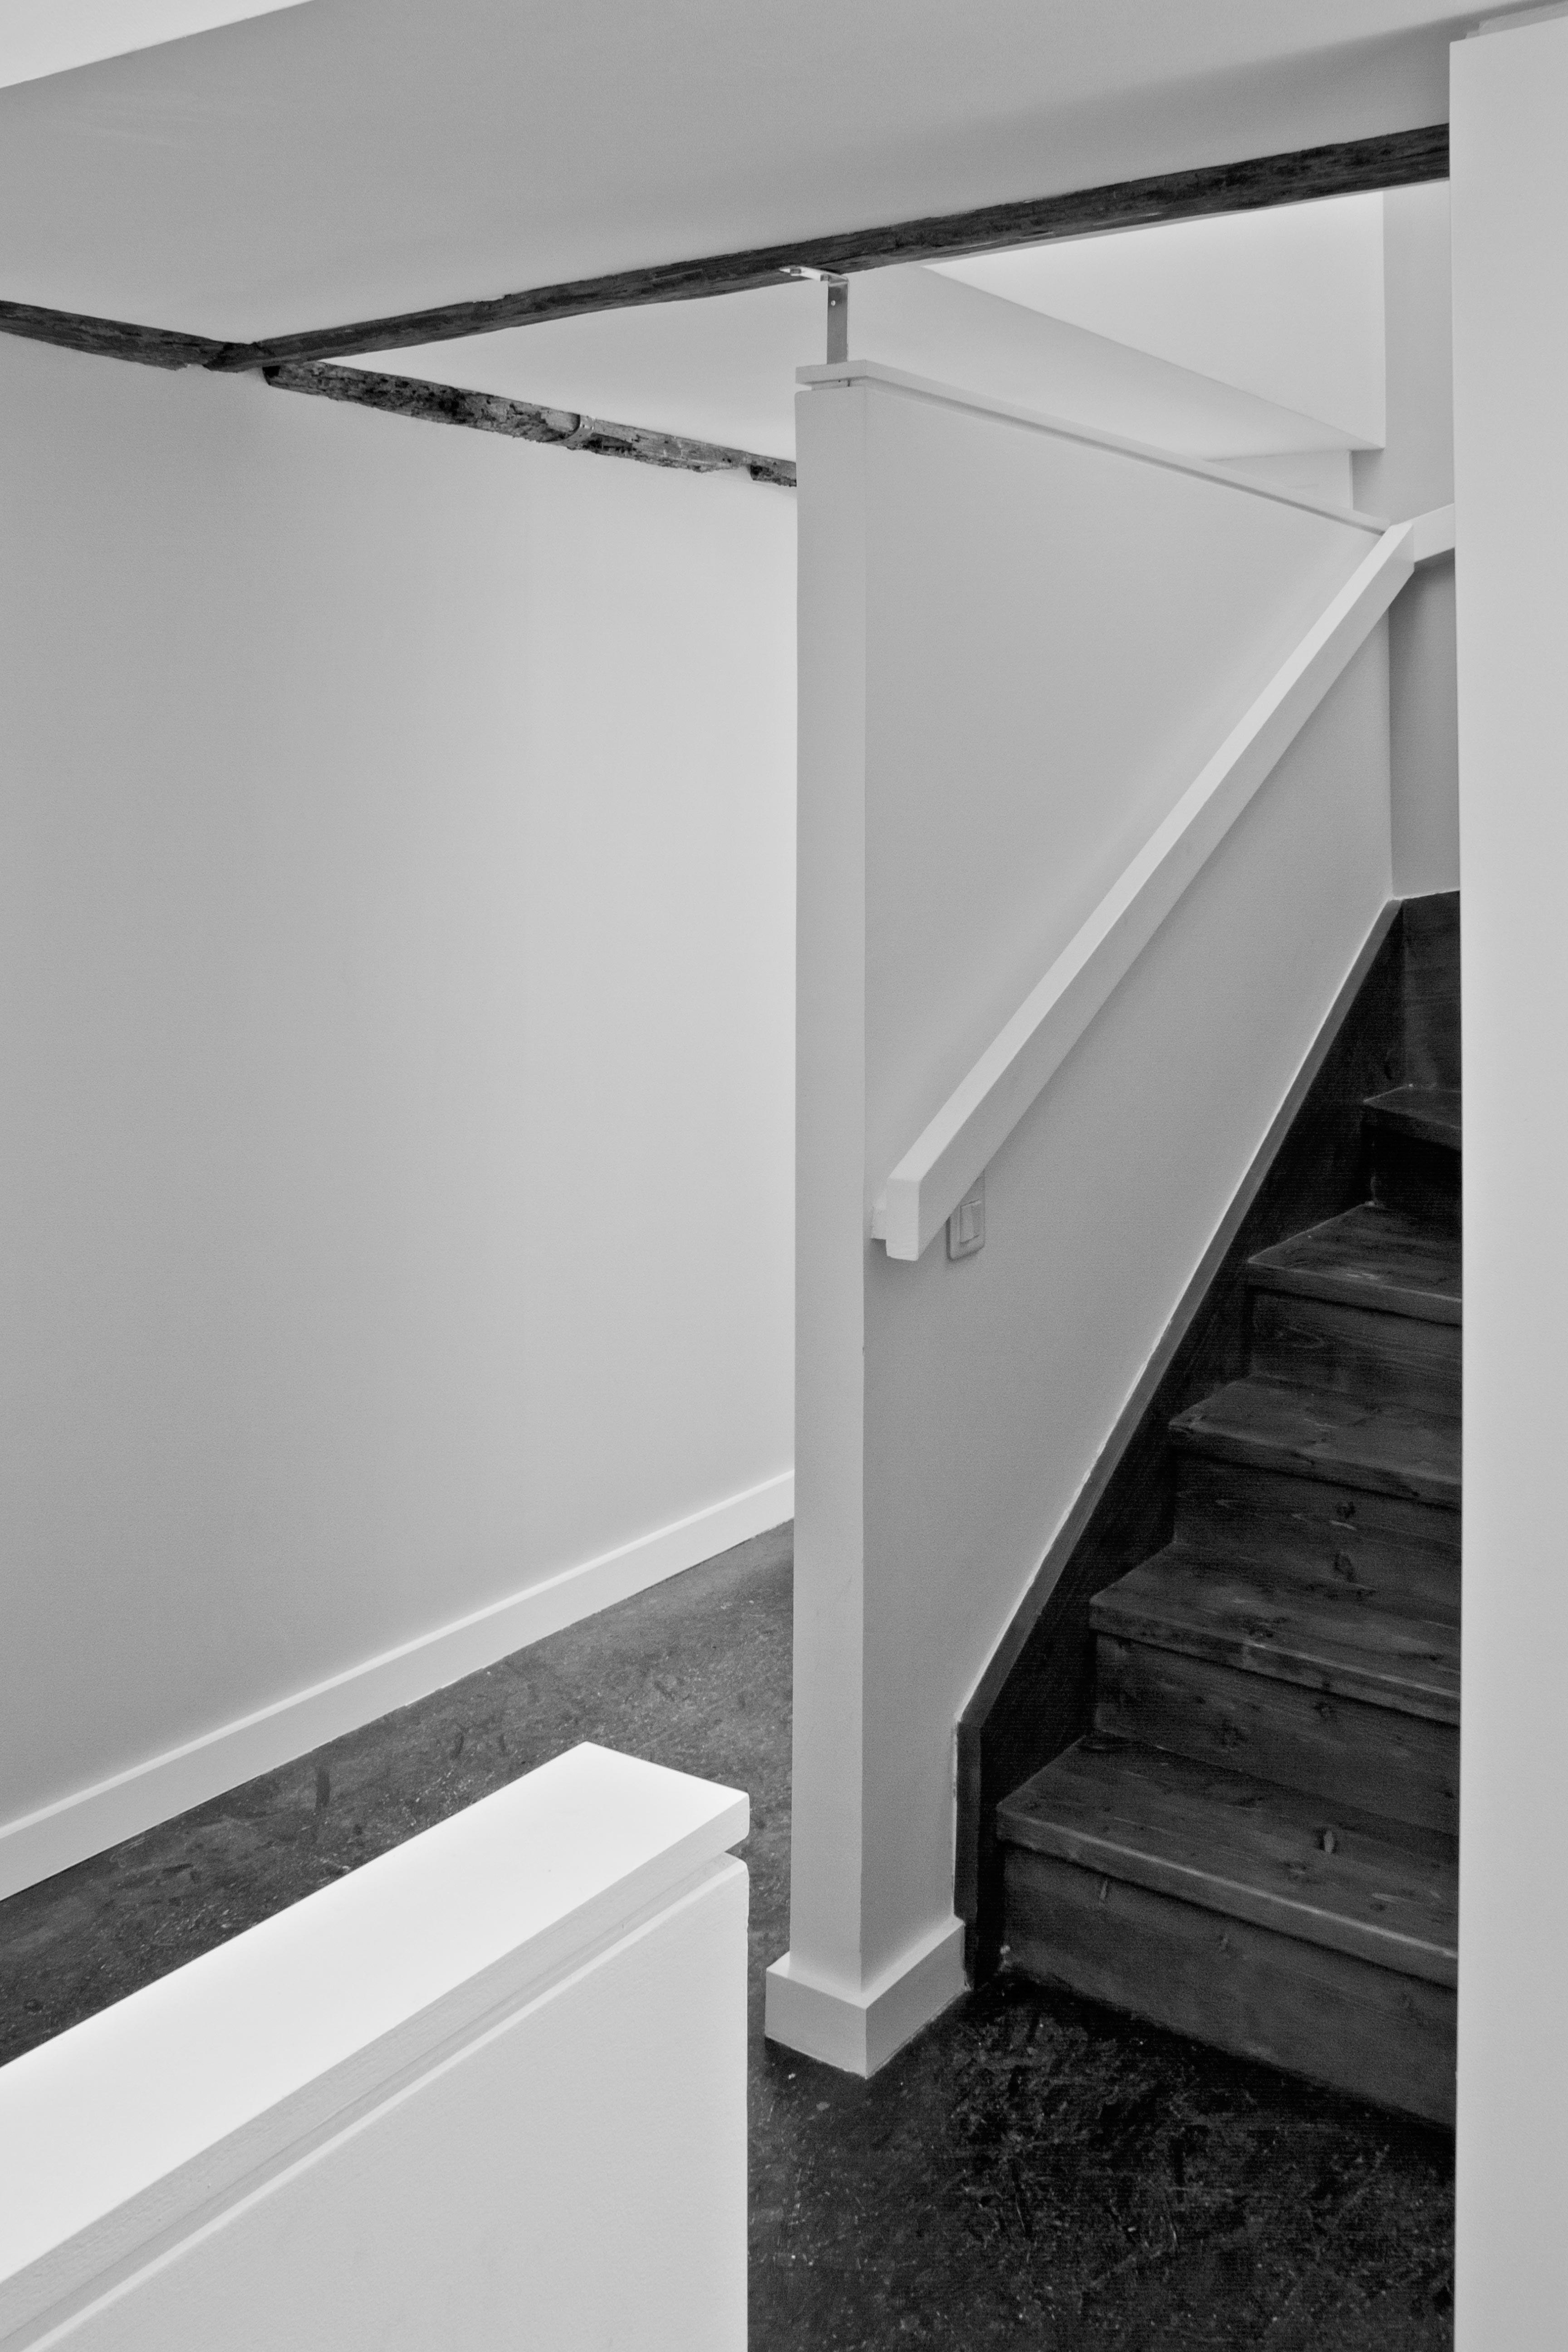 maison particuli re france r novation int rieure milosz siebert photography. Black Bedroom Furniture Sets. Home Design Ideas